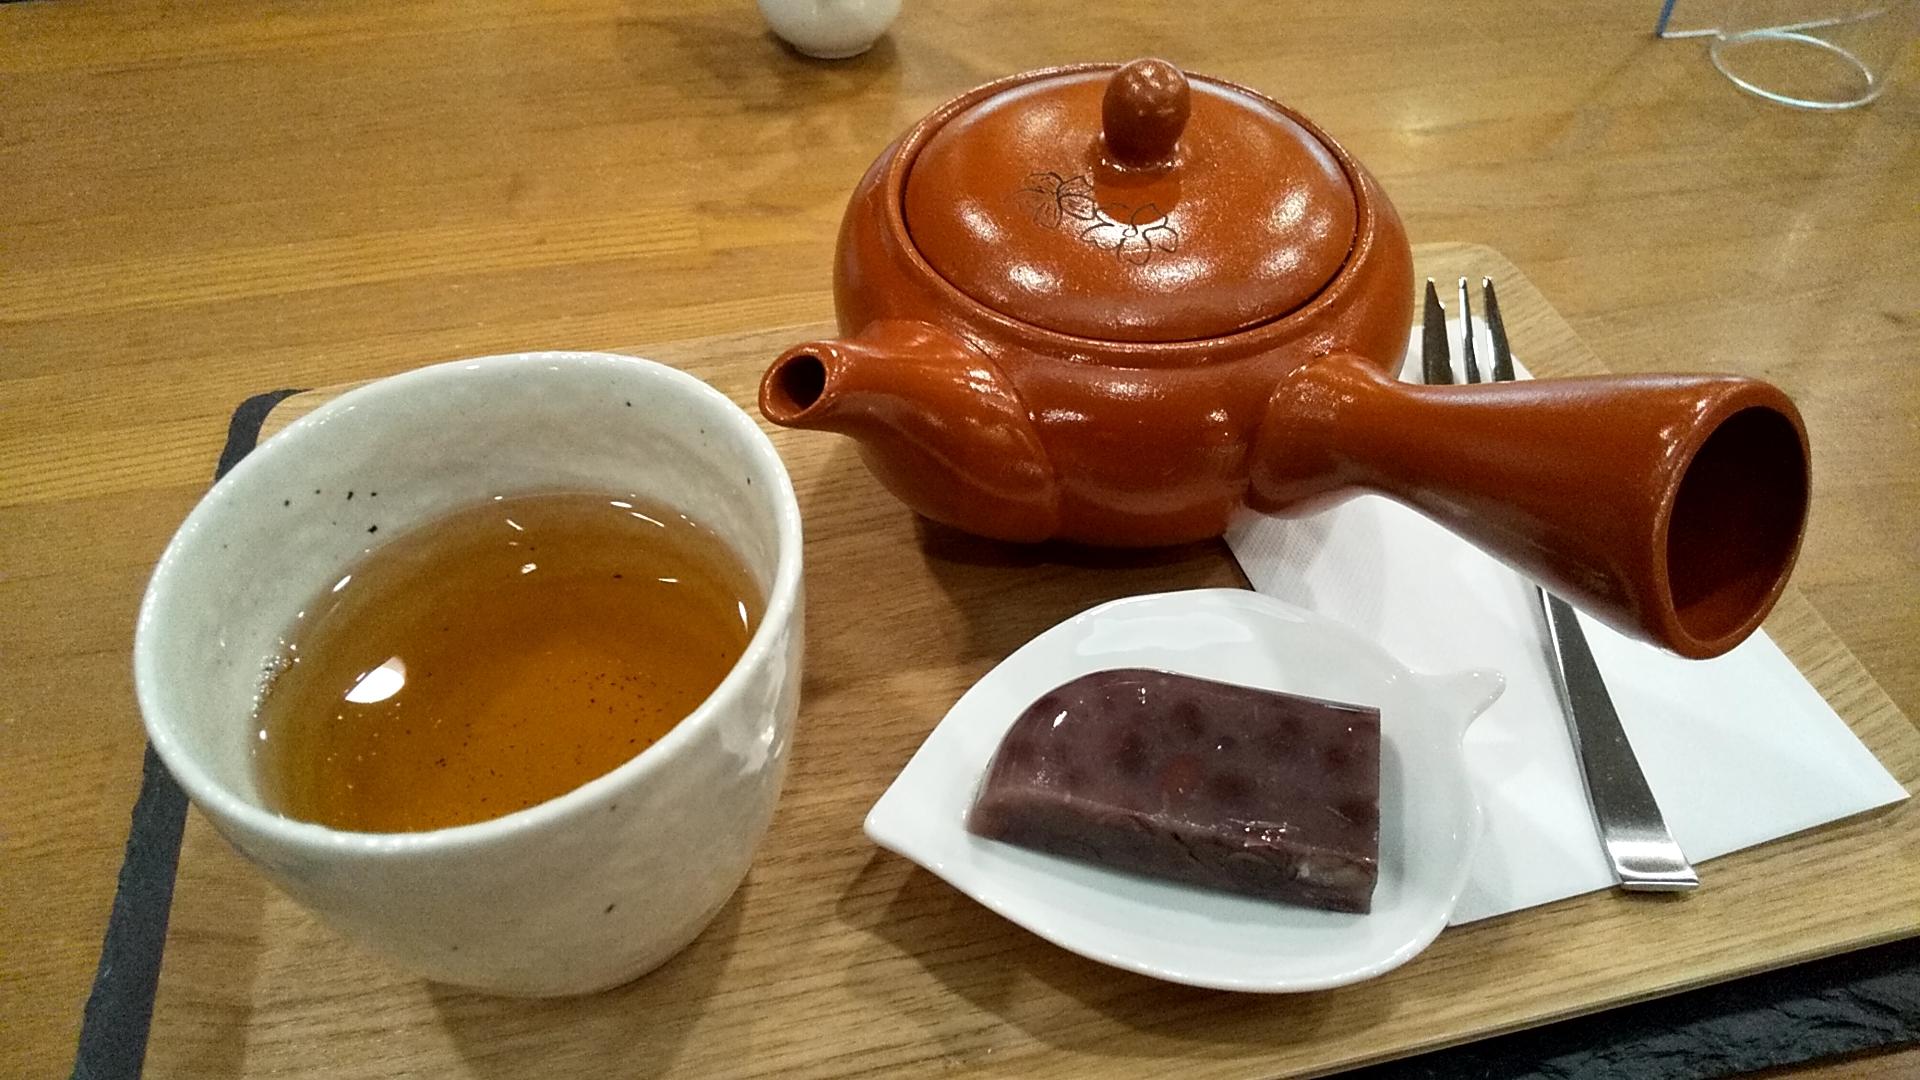 茶の湯cafe 銀河の船さん自家焙煎ほうじ茶